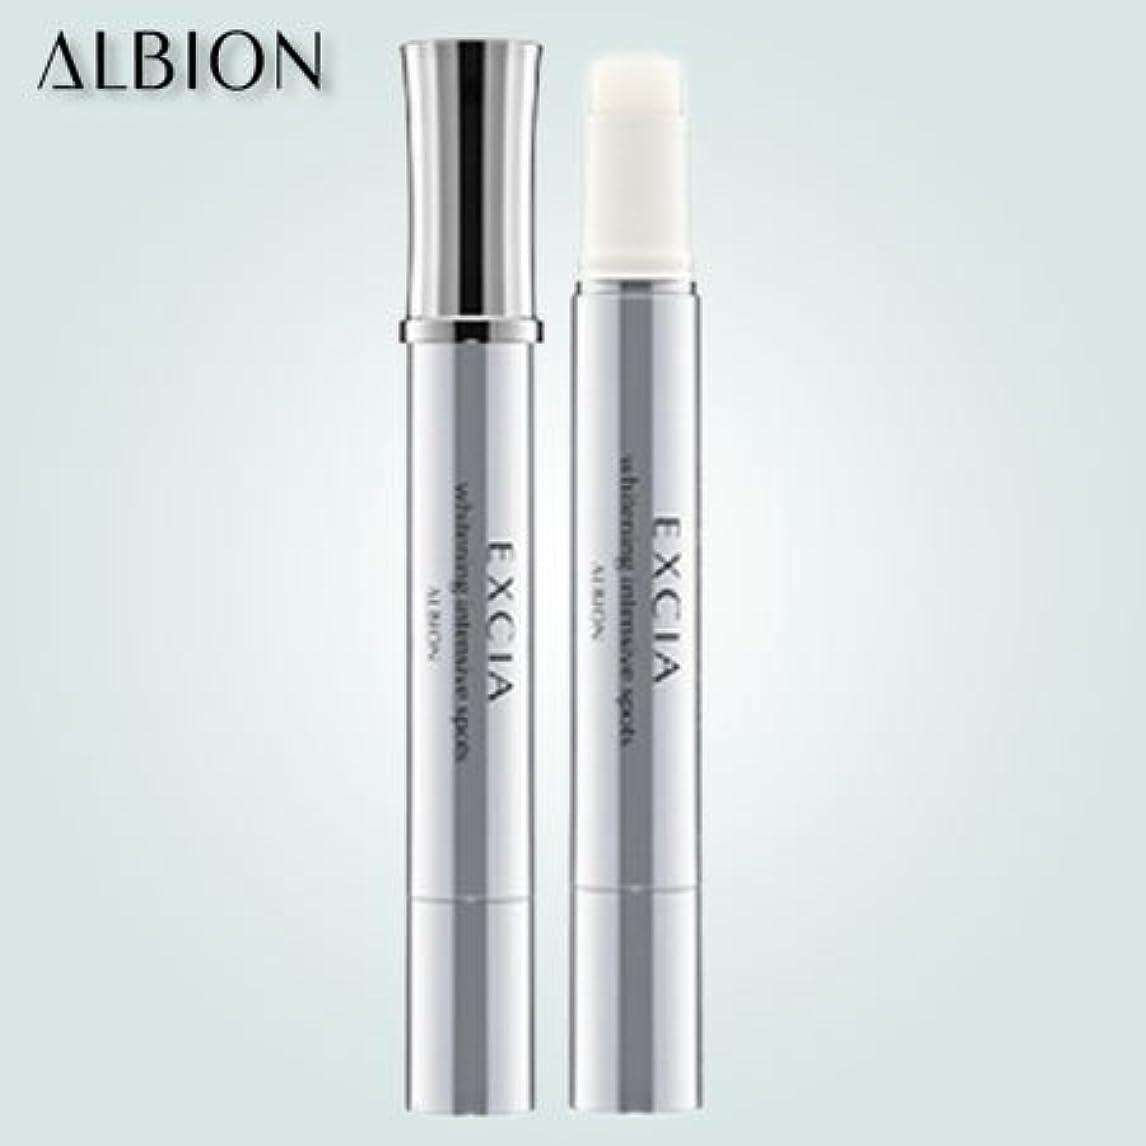 値下げネズミ時間アルビオン エクシアAL ホワイトニング インテシブ スポッツ 4.0g-ALBION-